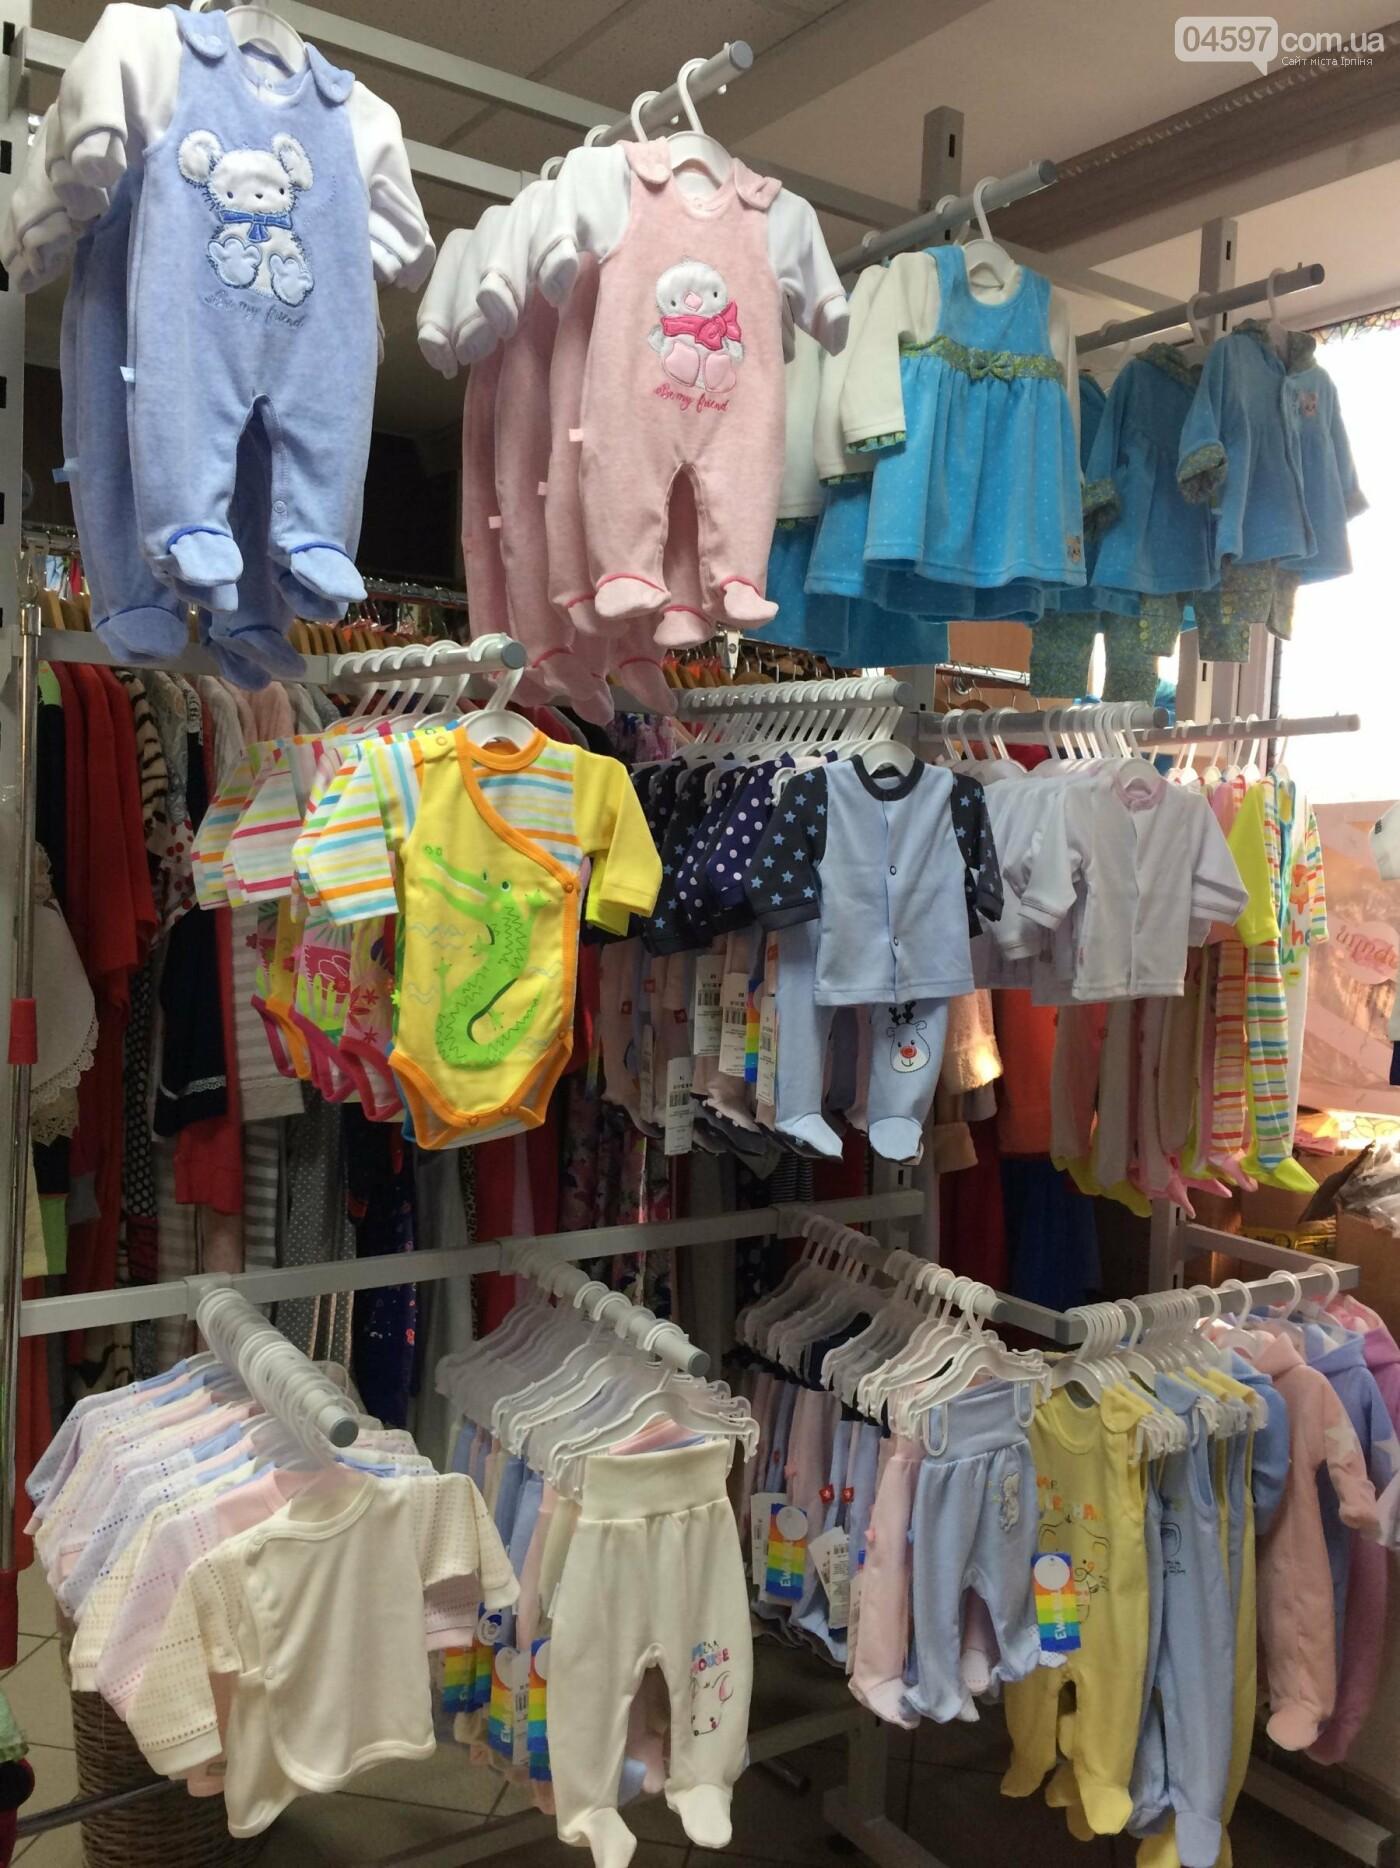 Де купити дитячий одяг в Ірпені: асортимент та ціни, фото-49